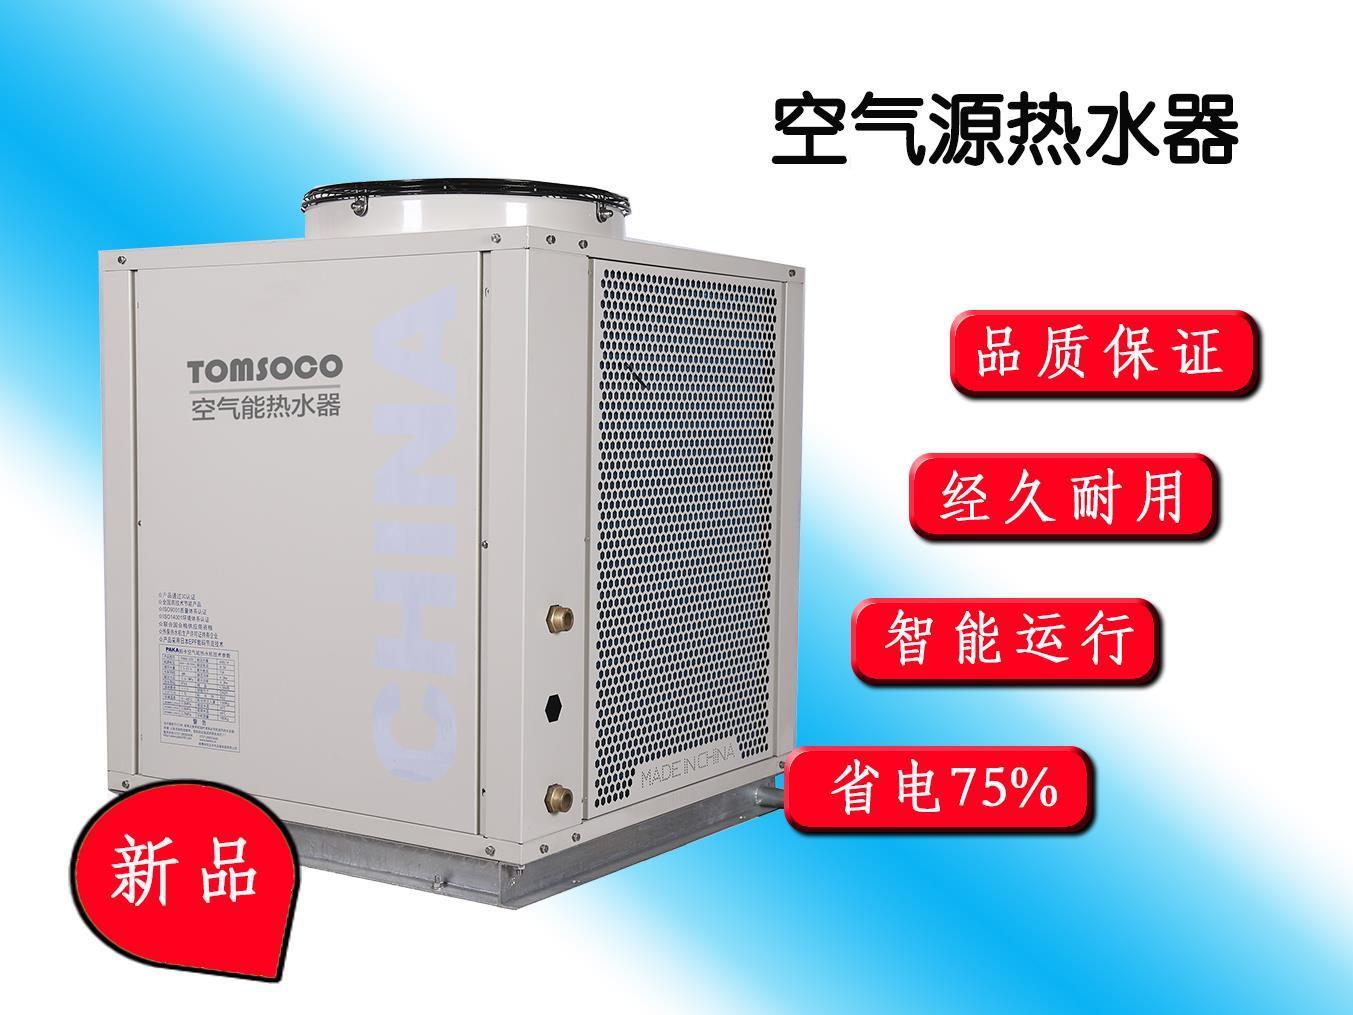 空气源热泵热水器价格